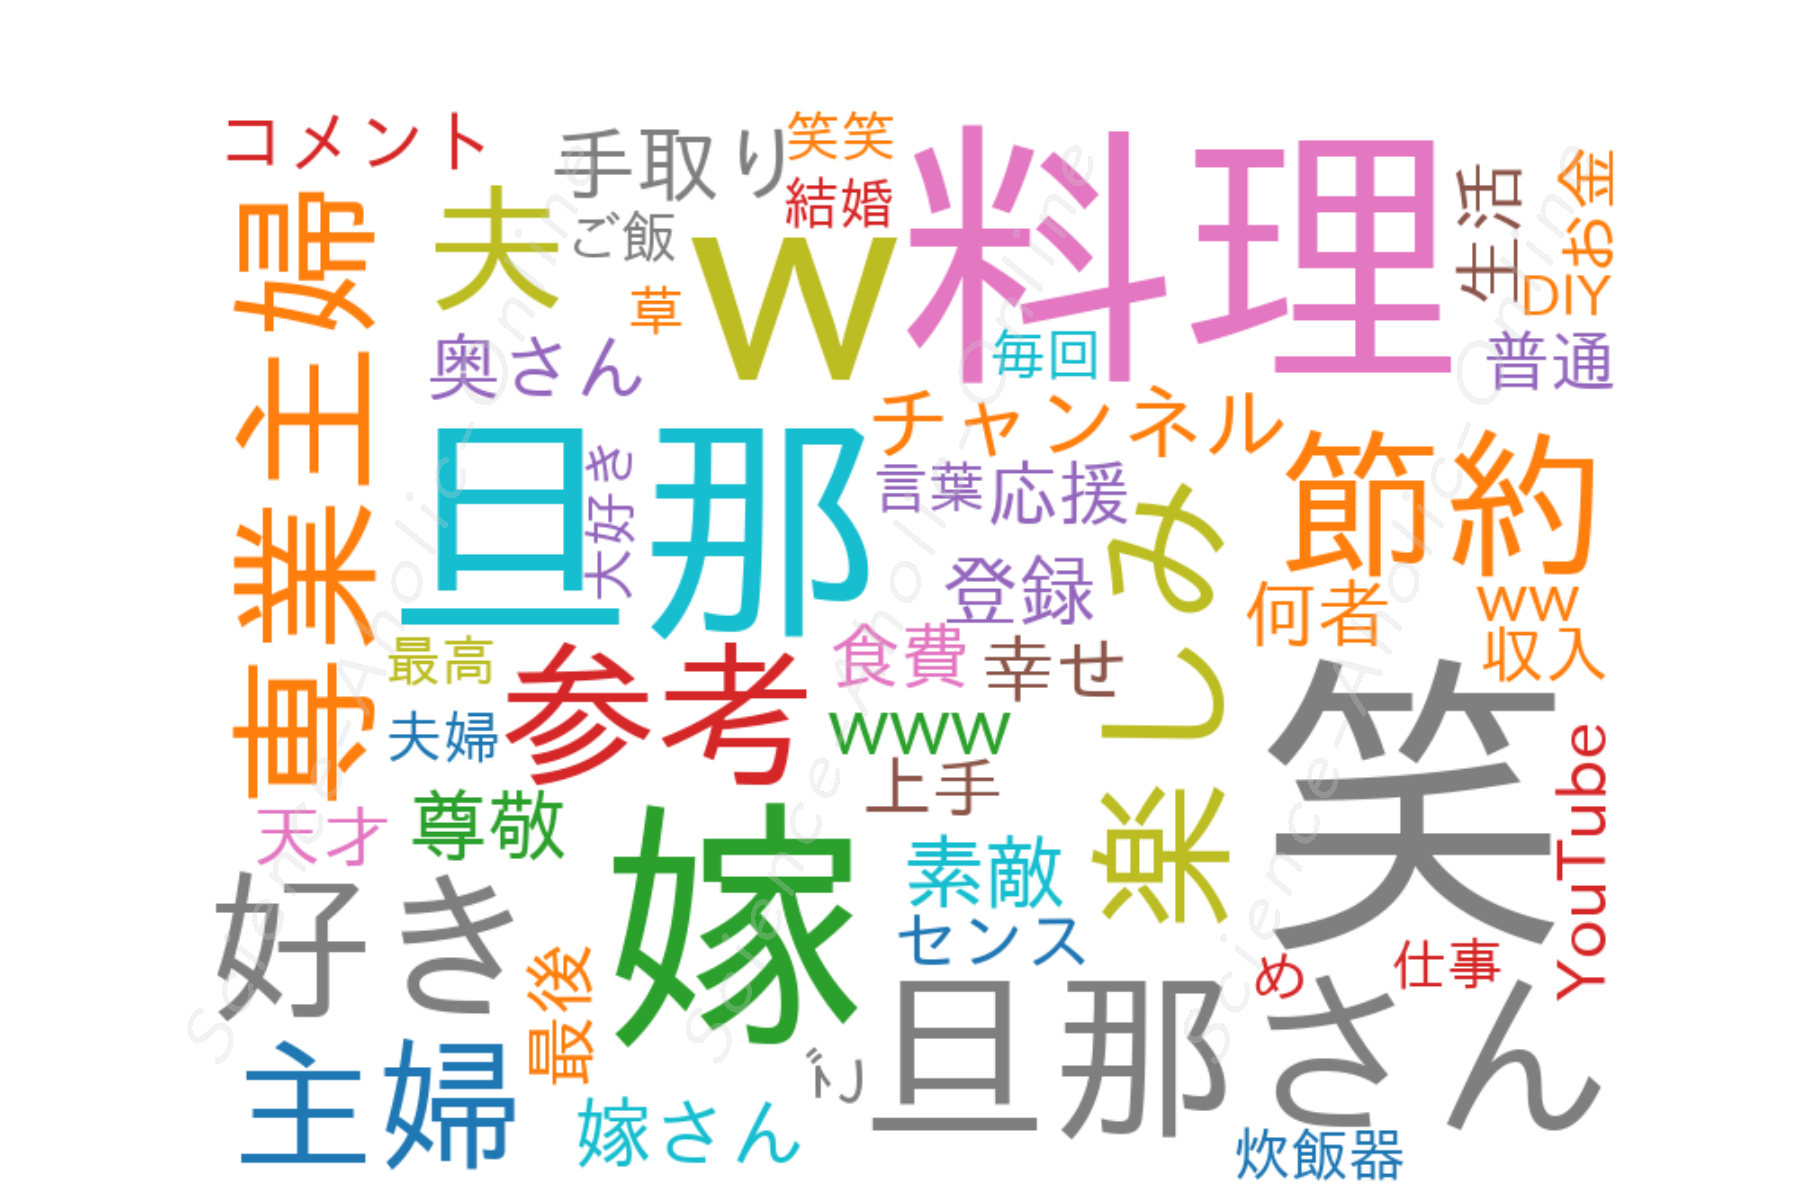 https://science-aholic-online.com/wp-content/uploads/2020/08/wordcloud_よめ子.png